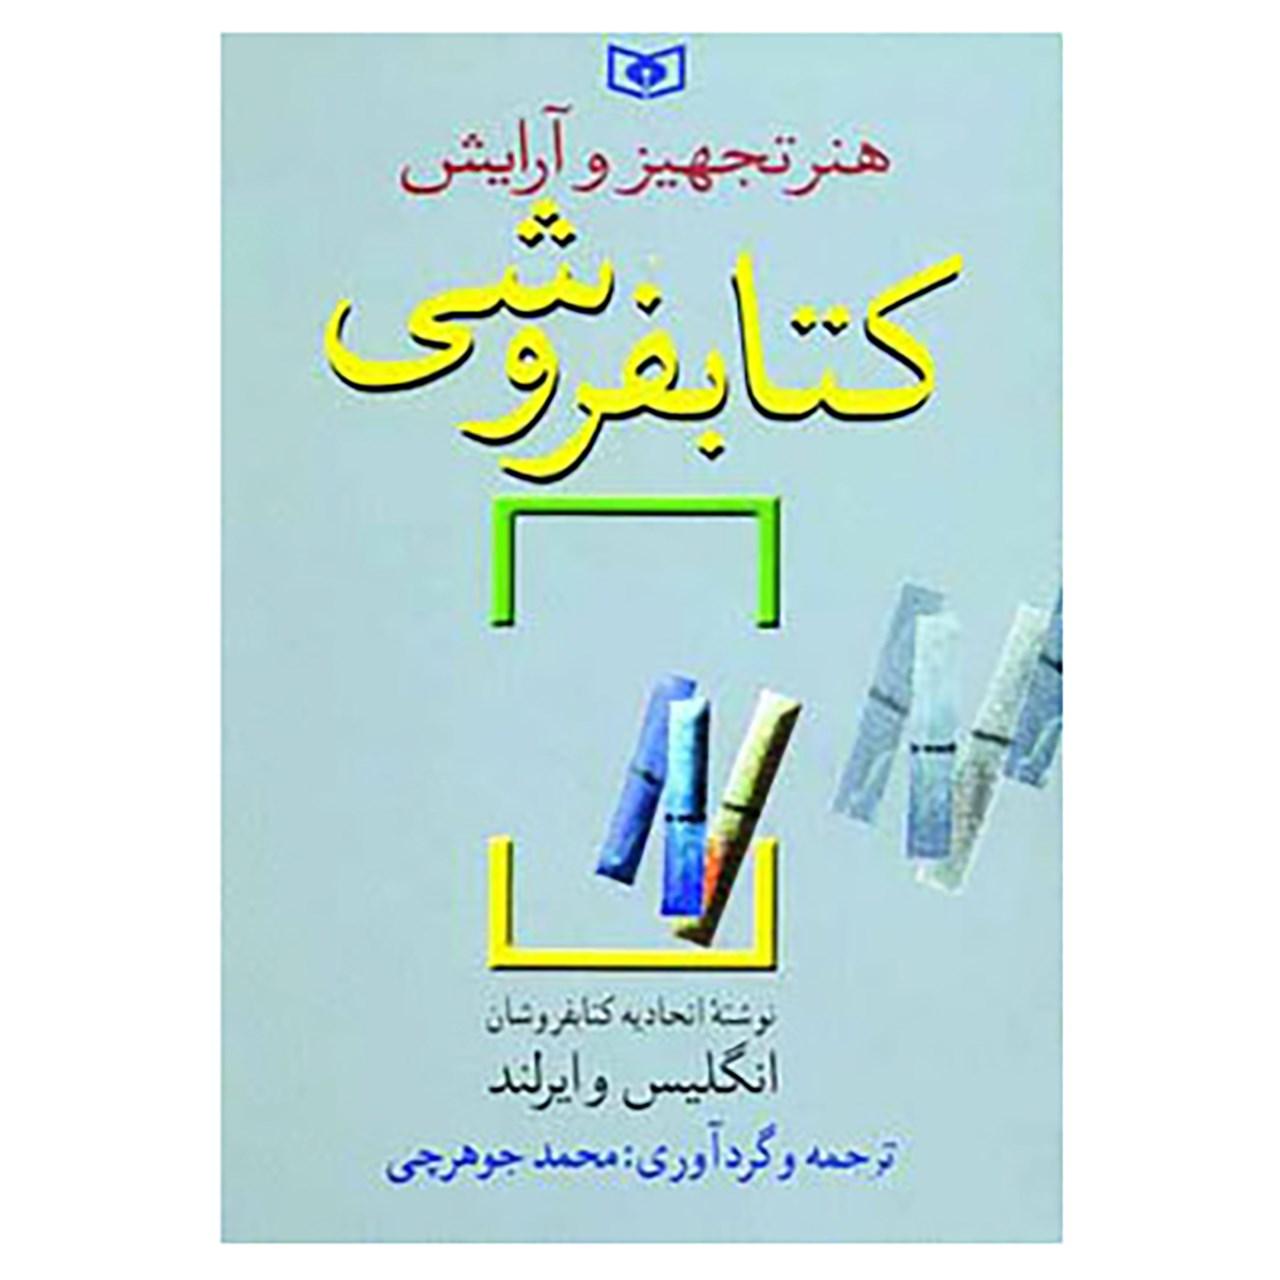 کتاب هنر تجهیز و آرایش کتابفروشی اثر محمد جوهرچی